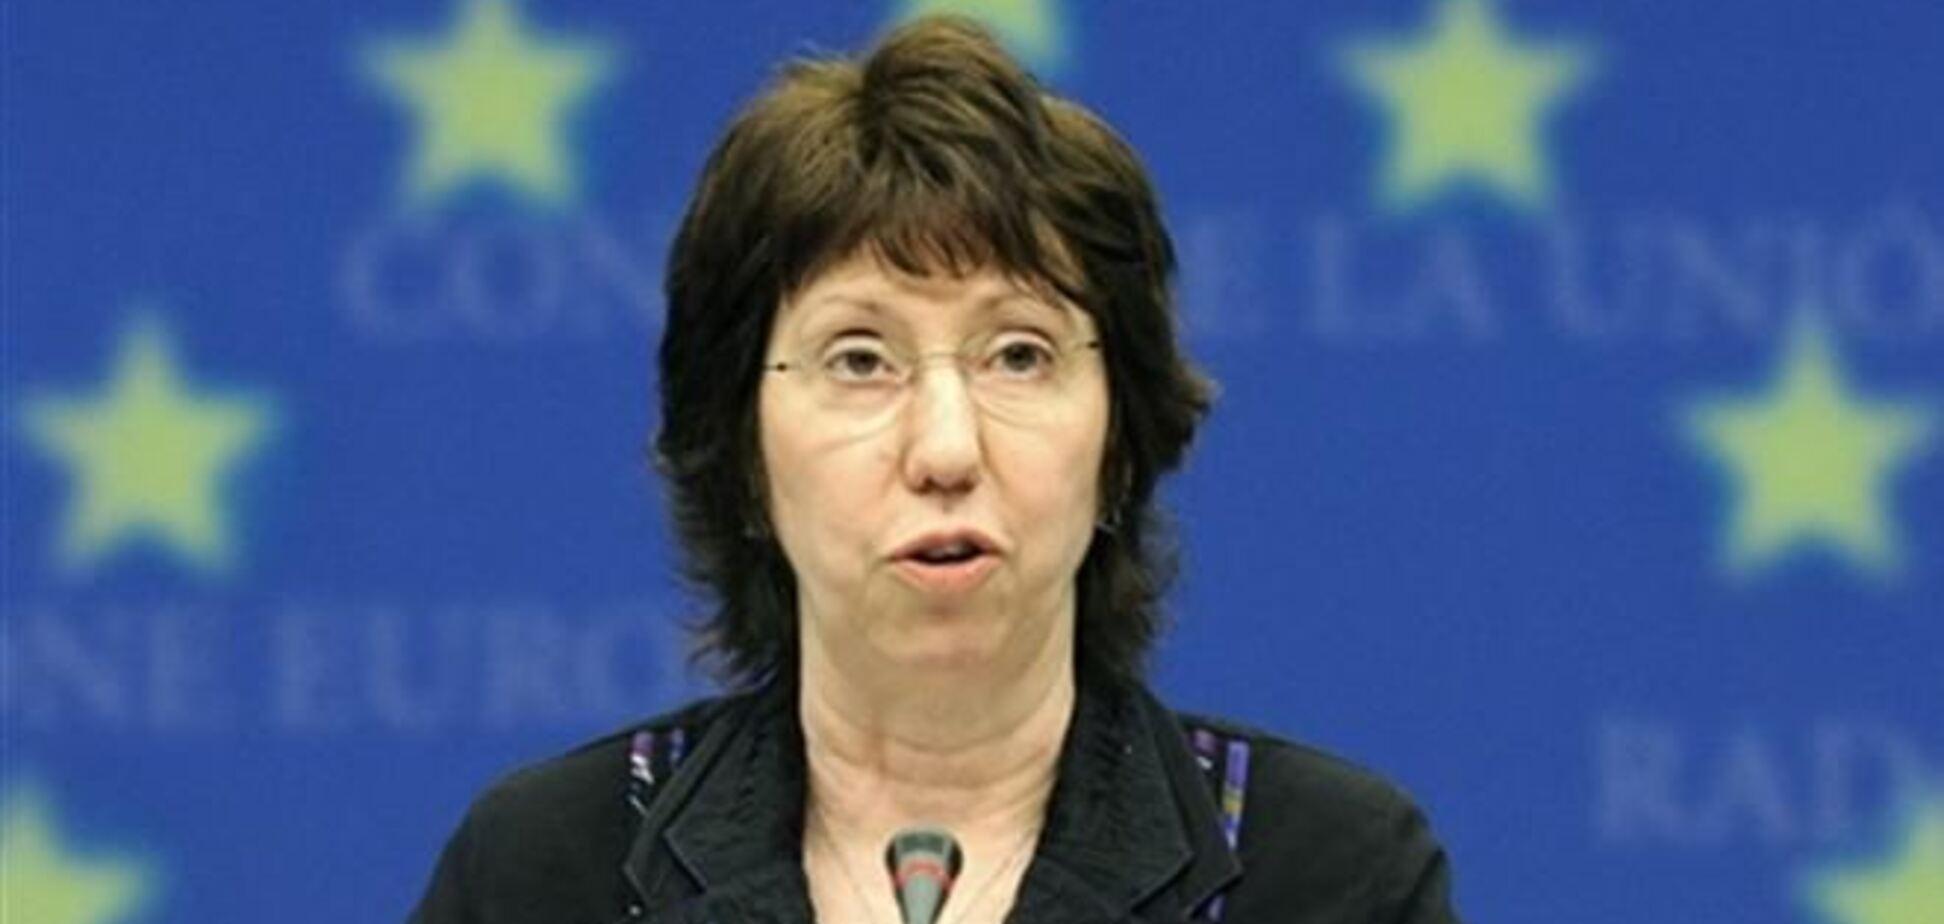 Ештон запевнила, що ЄС буде продовжувати діяльність щодо стабілізації ситуації в Україні